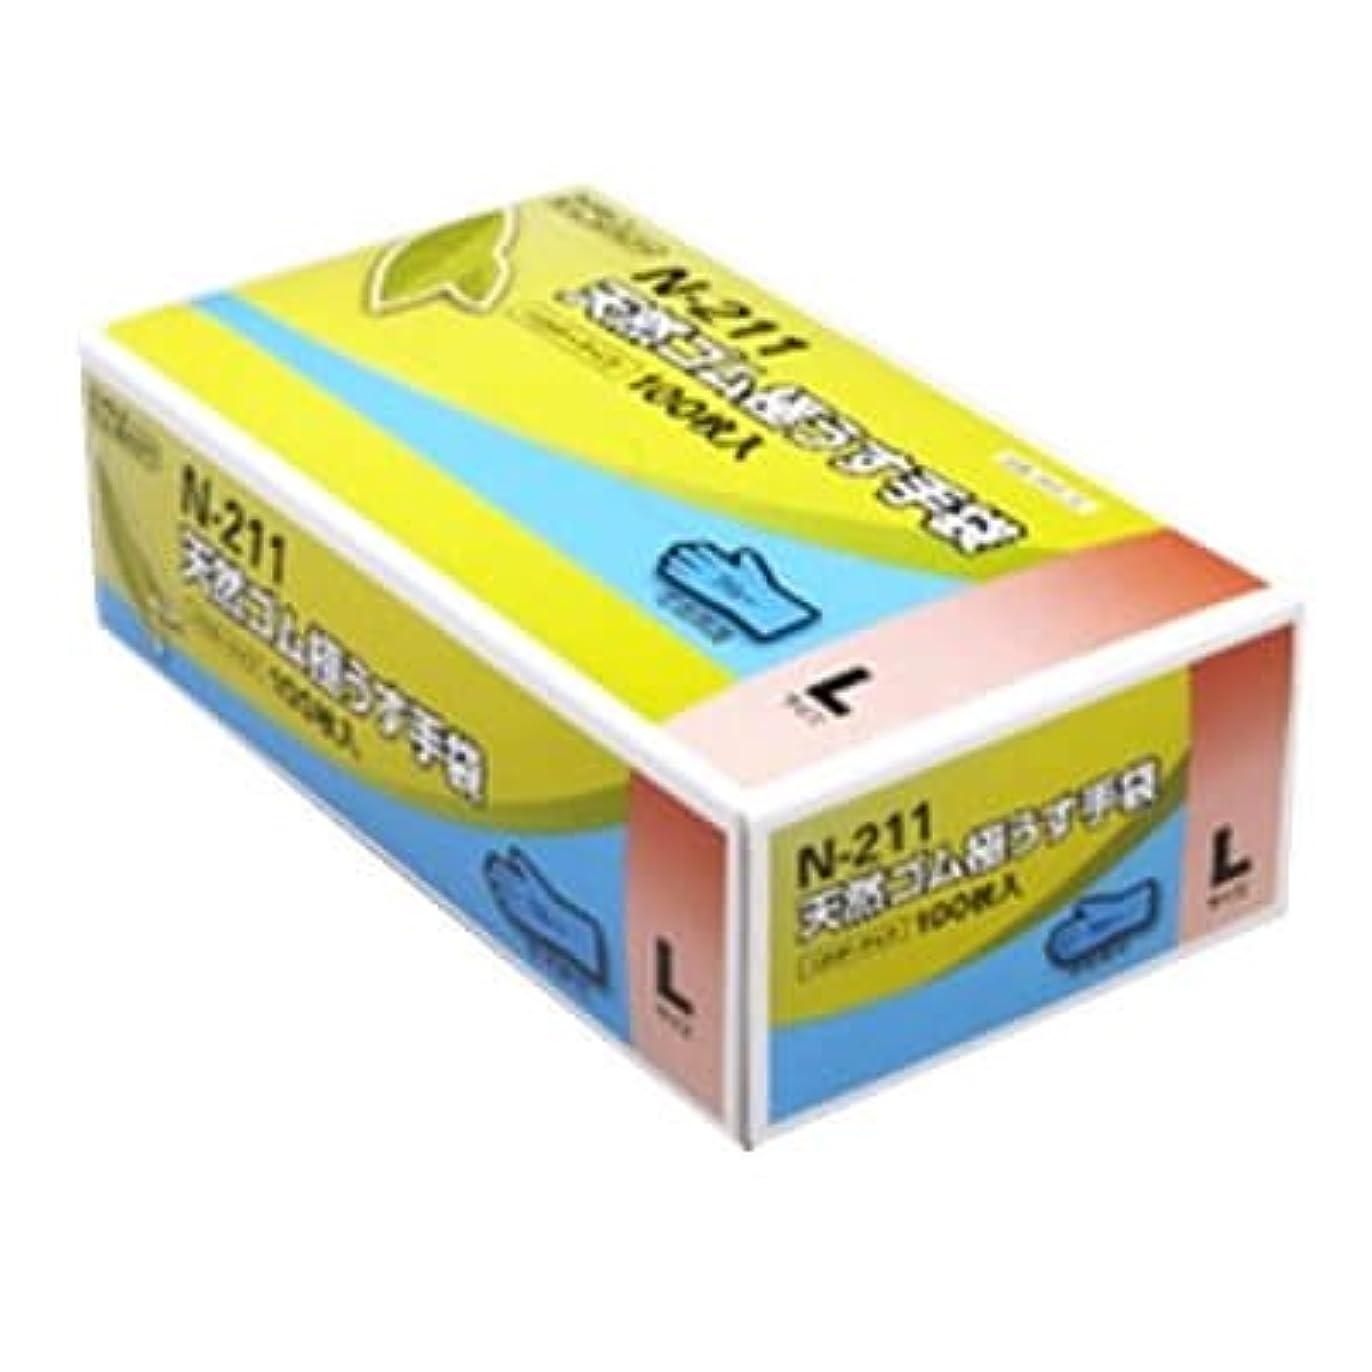 ペンス特別に矢印【ケース販売】 ダンロップ 天然ゴム極うす手袋 N-211 L ブルー (100枚入×20箱)